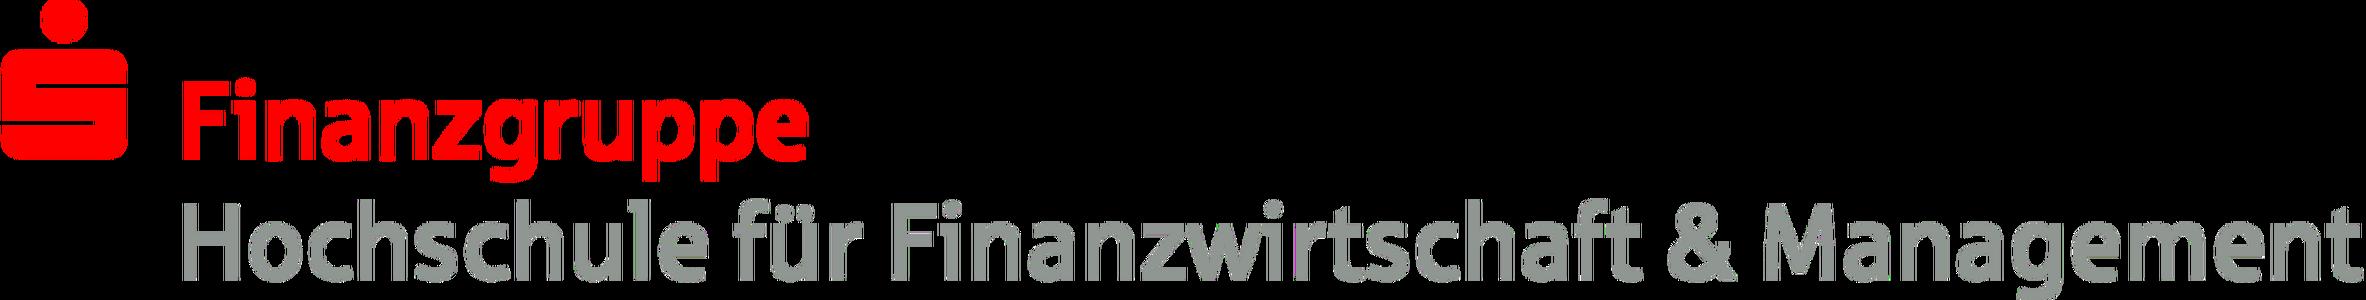 Werkstudent (m/w/d) im wissenschaftlichen Bereich - Hochschule für Finanzwirtschaft und Management GmbH - Logo